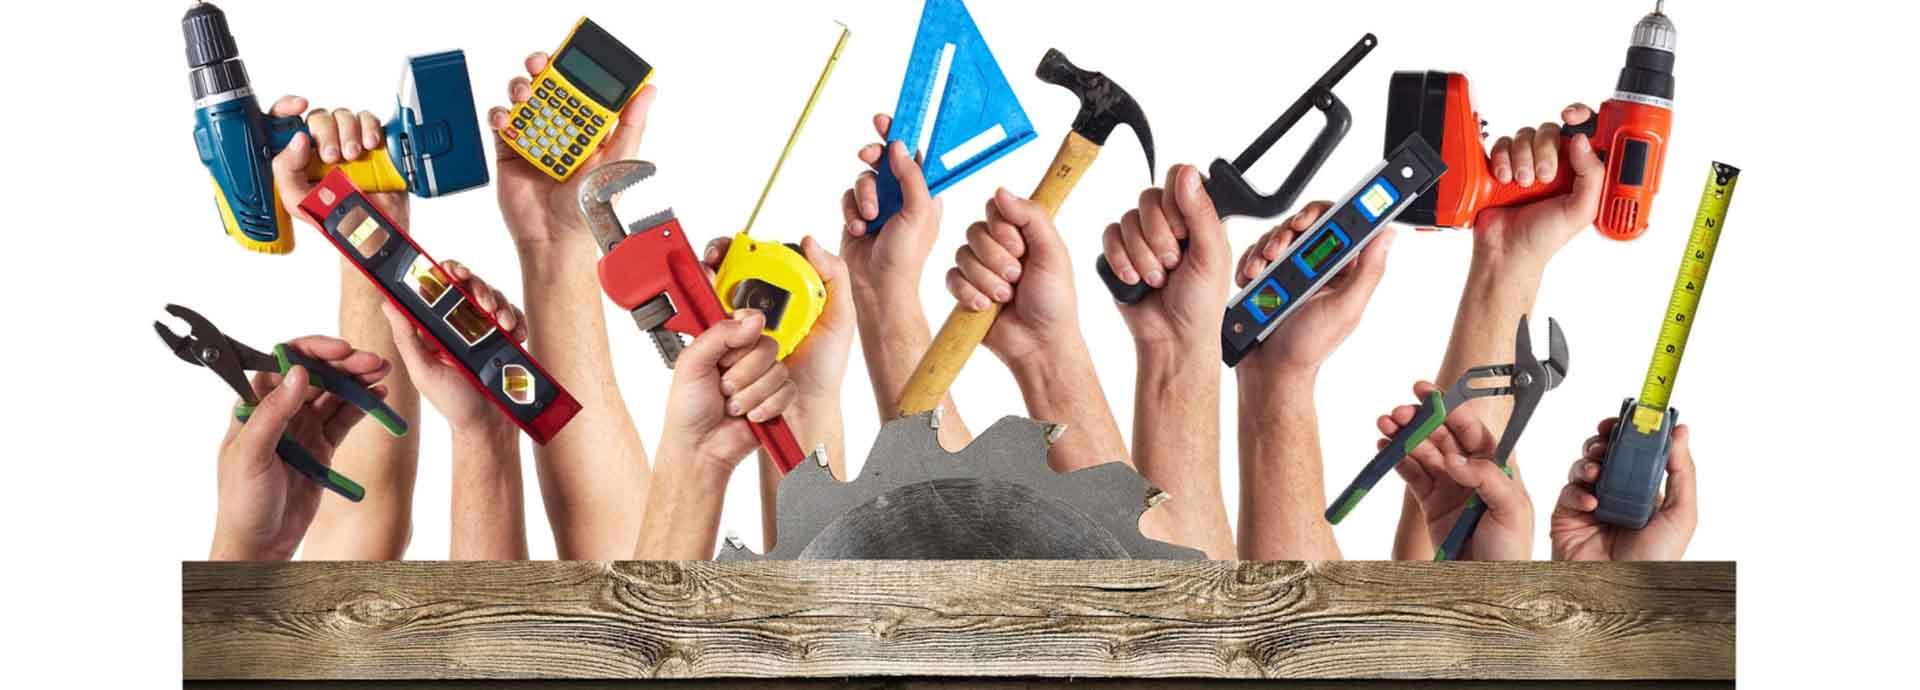 alquiler_herramientas_mejor_precio